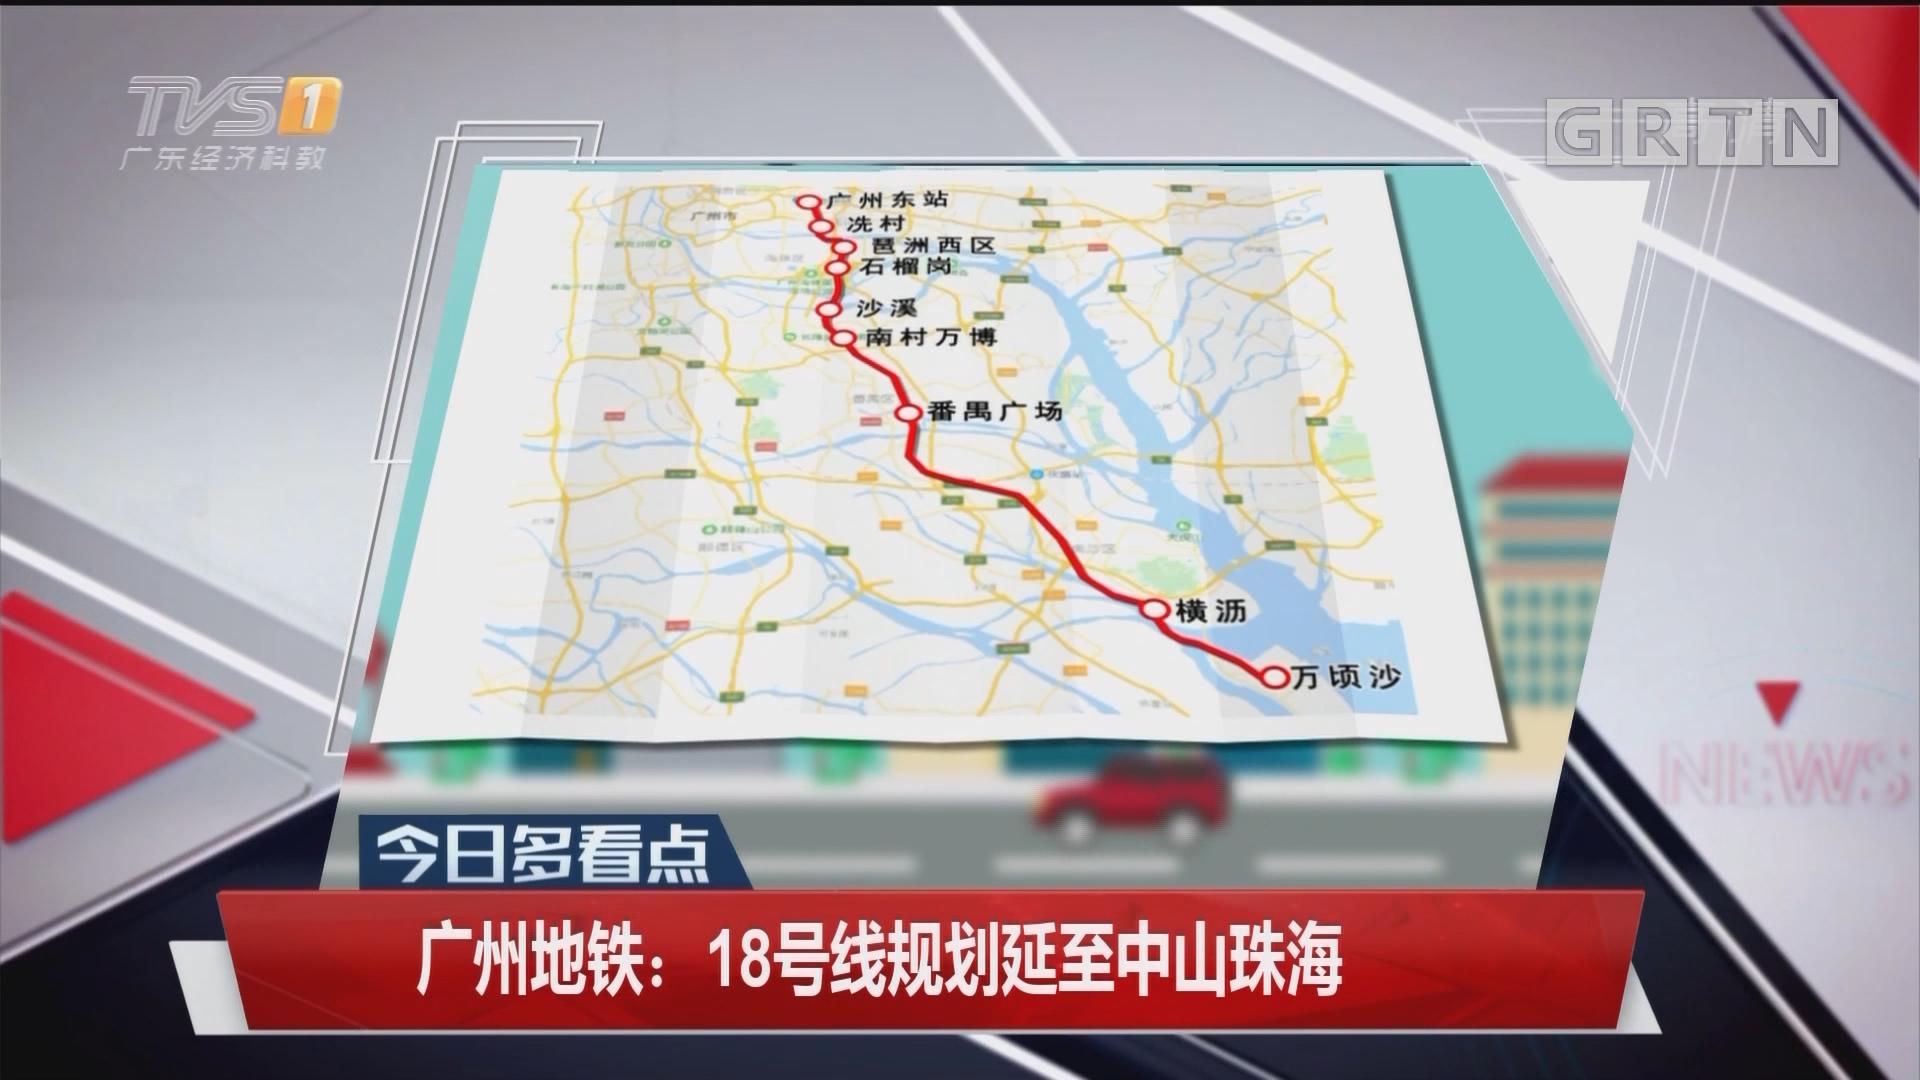 广州地铁:18号线规划延至中山珠海